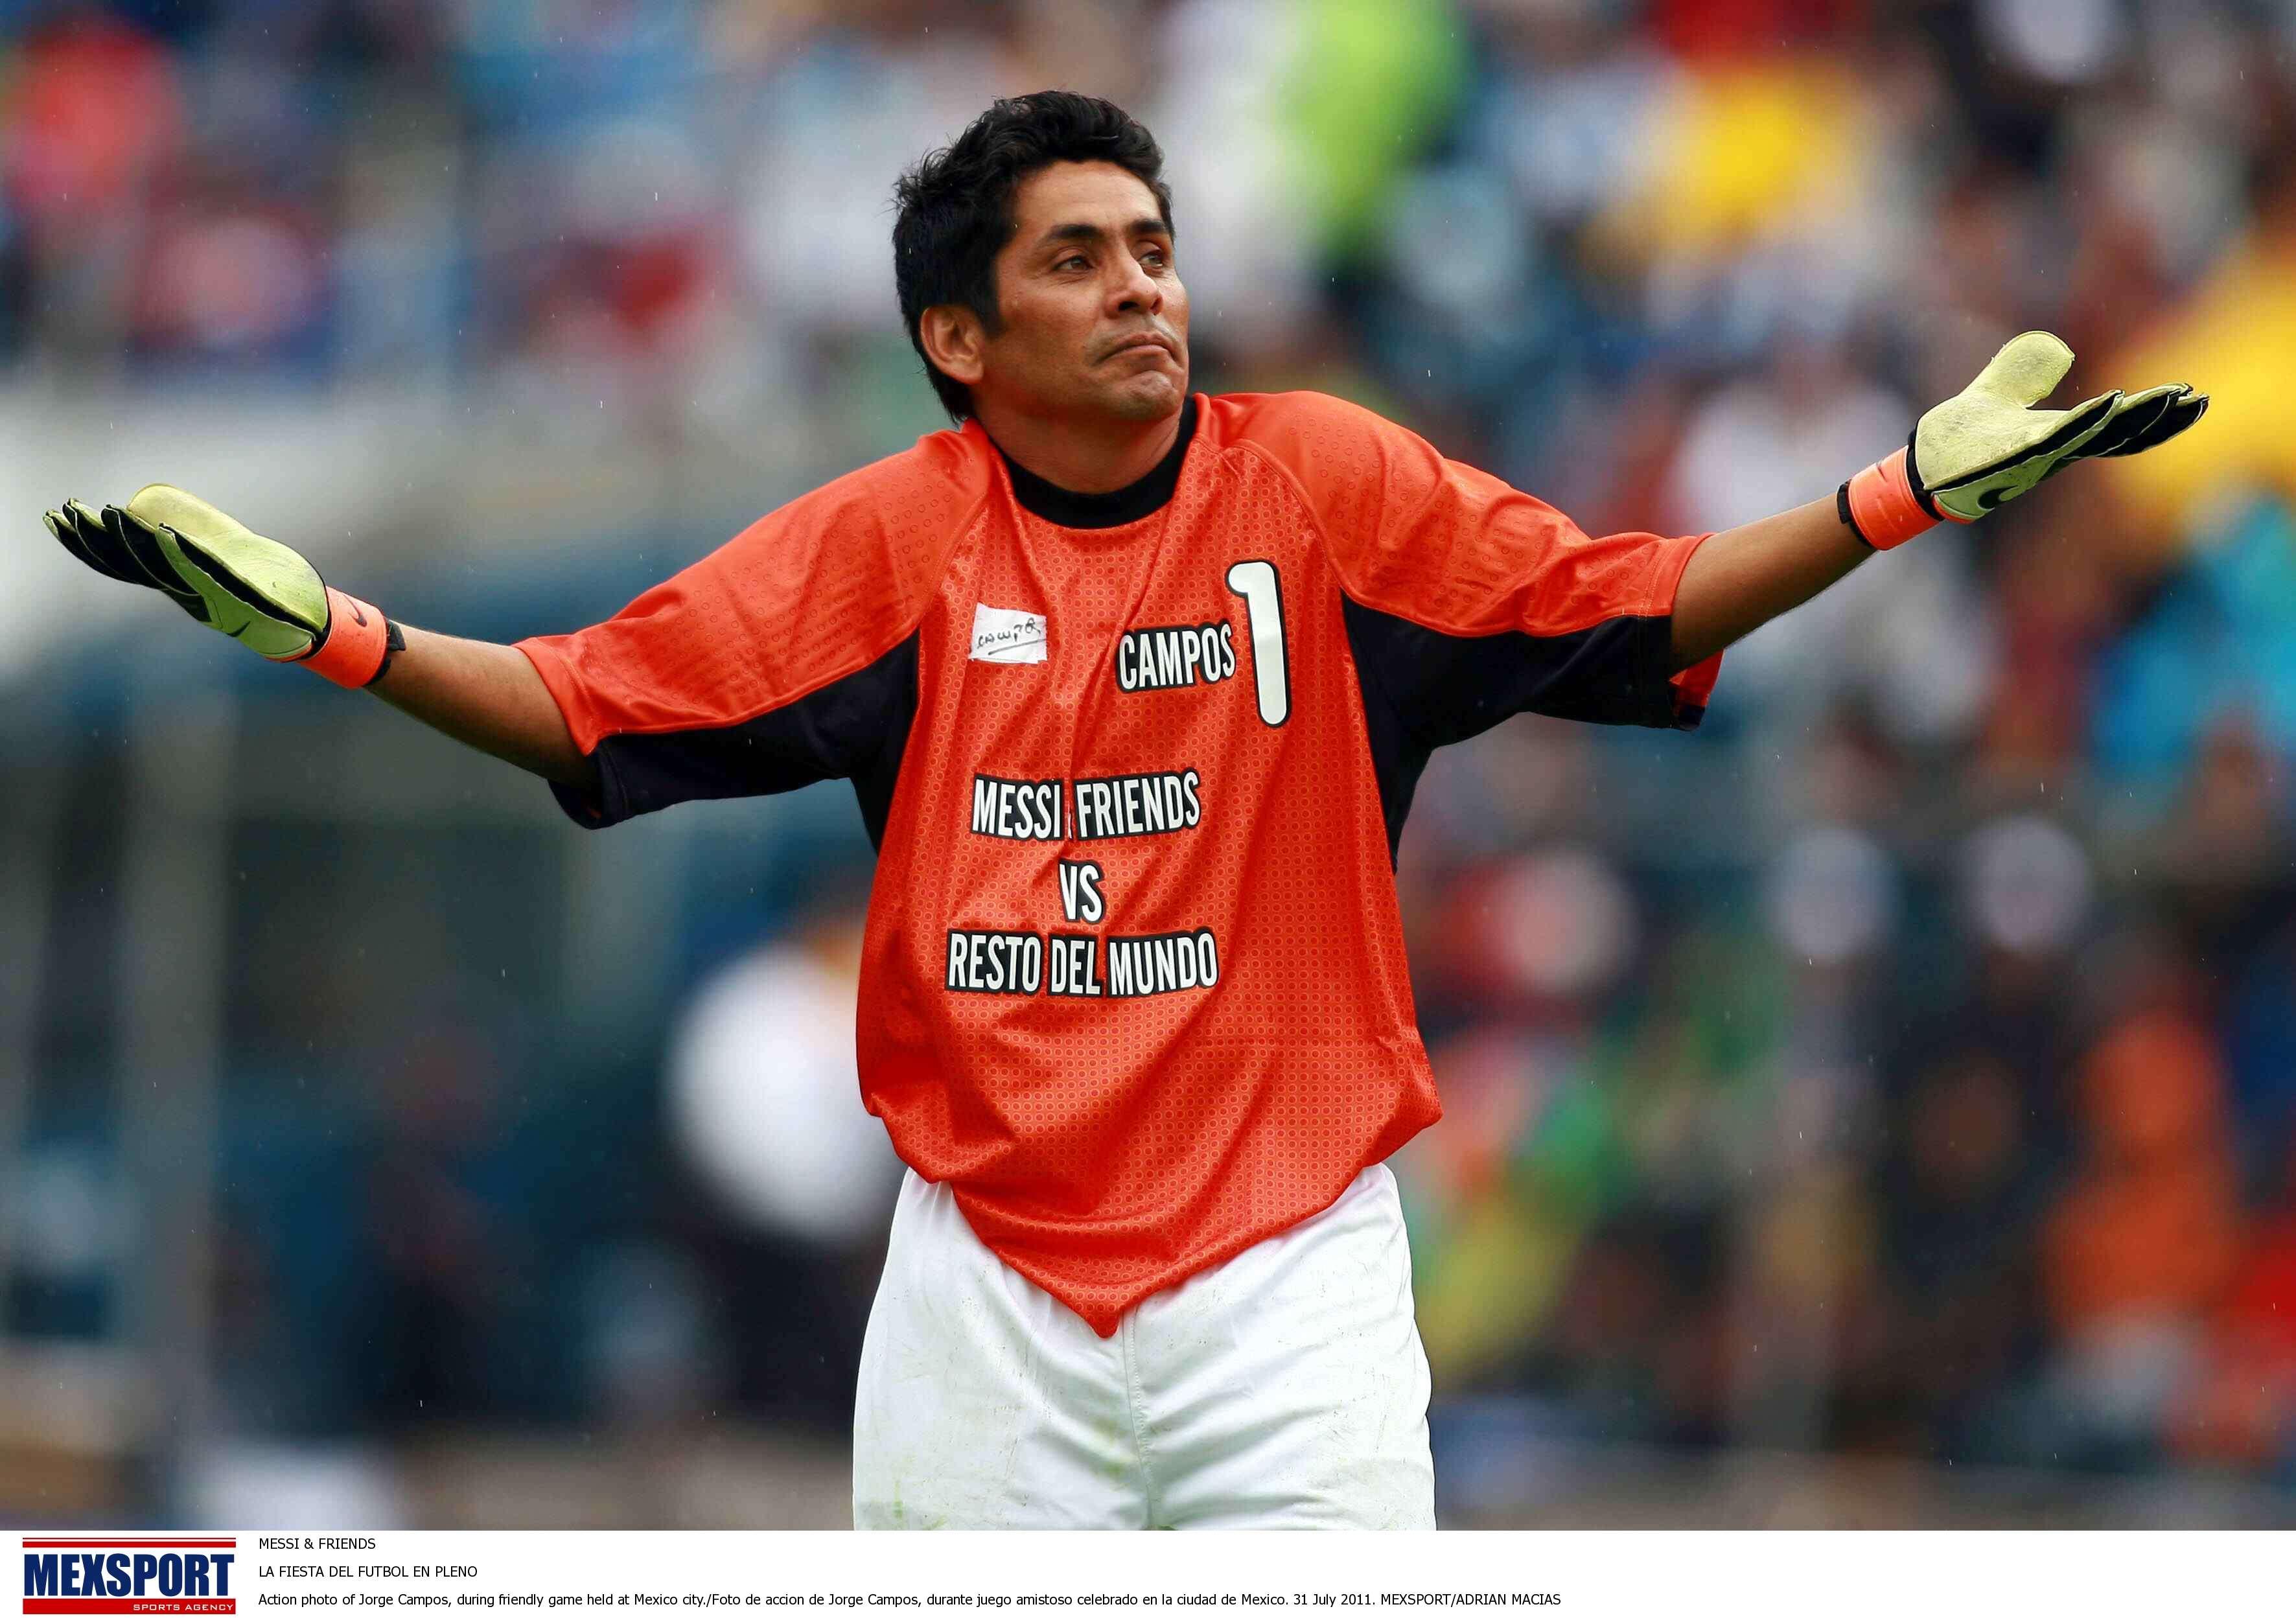 Campos tendrá que aclarar sus vínculos con Yáñez. Foto: Mexsport